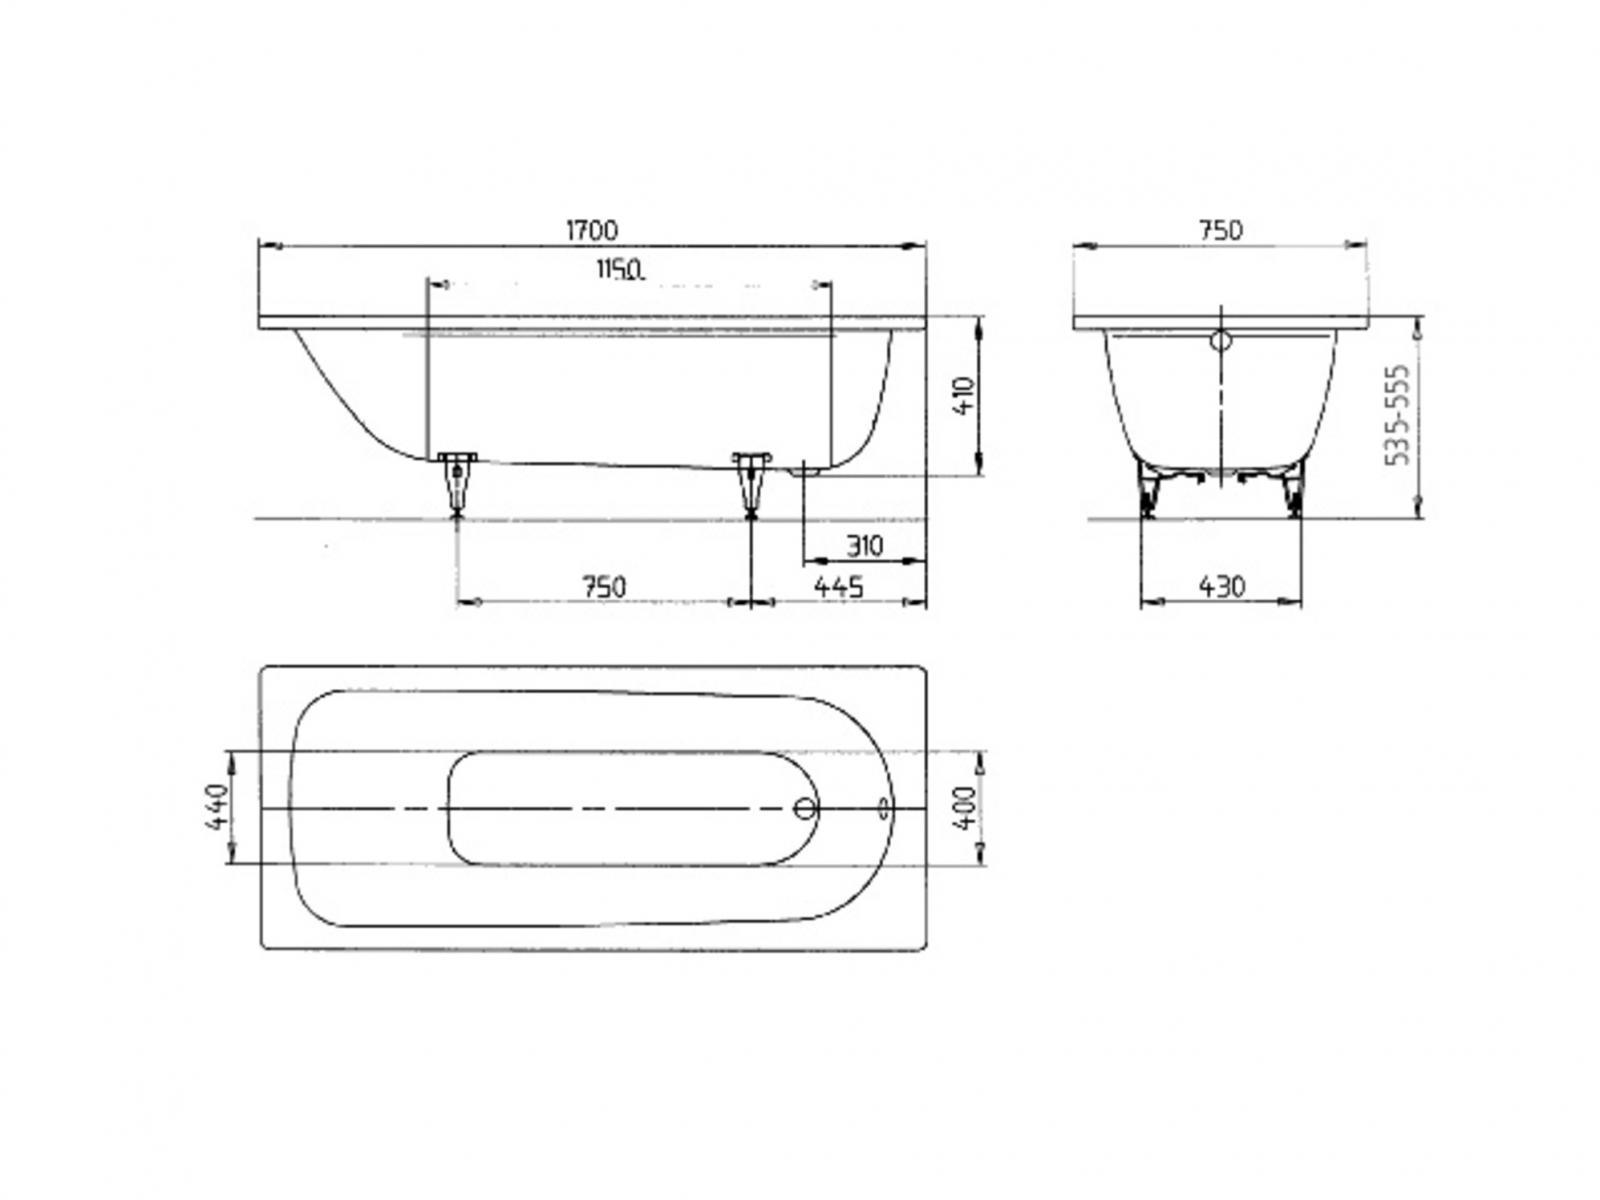 Sehr Kaldewei Saniform Plus Badewanne 170x75 cm Modell 373-1 Stahl LO53